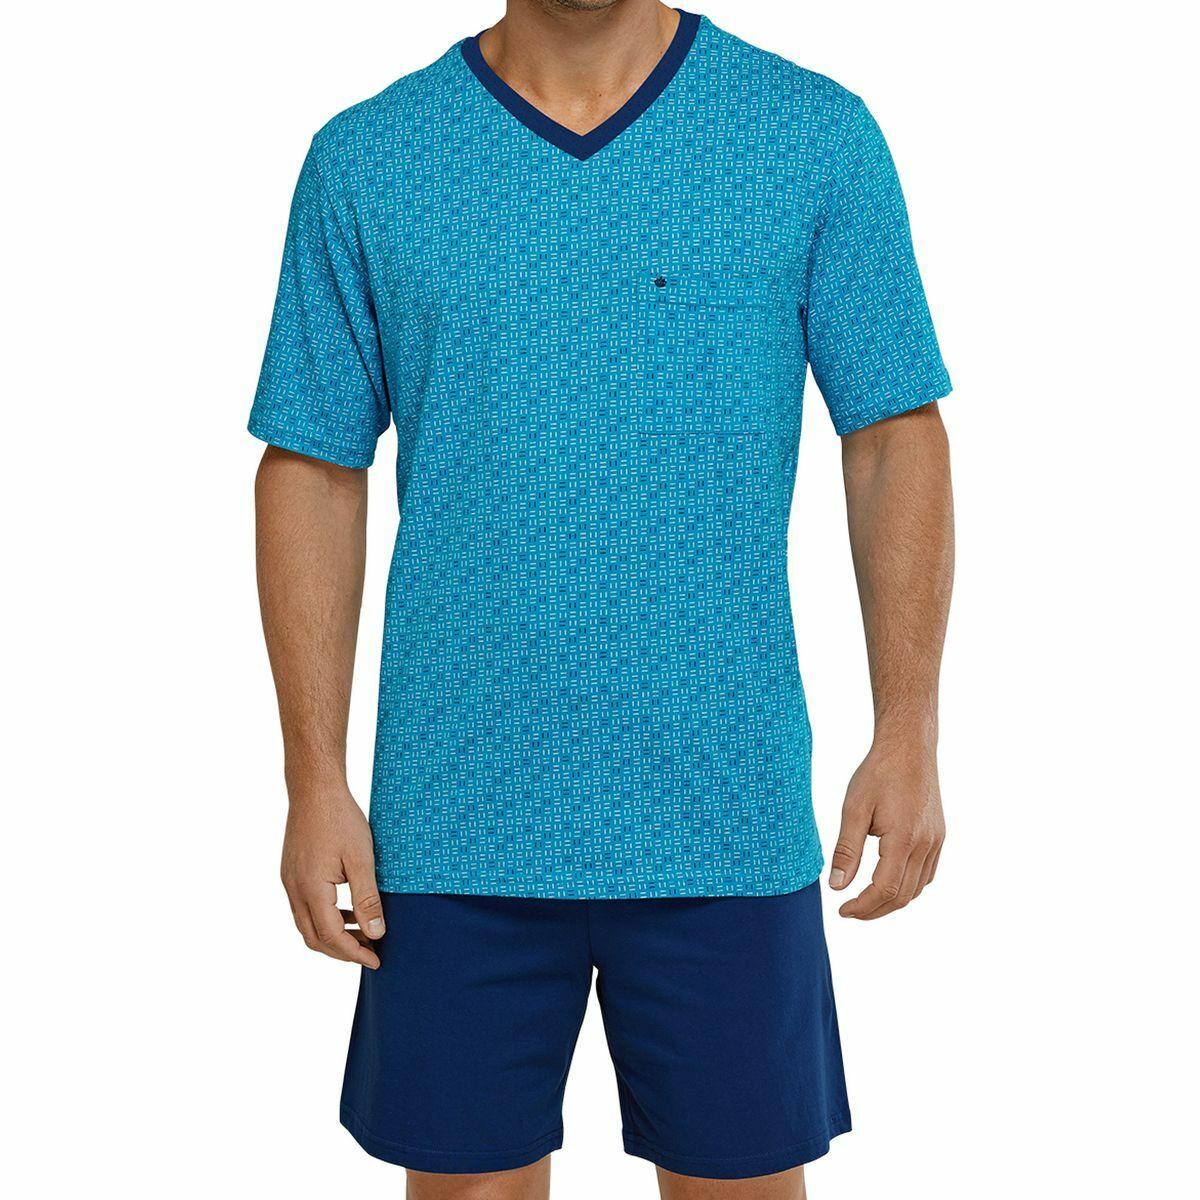 9d8bf8d3d4 Seidensticker Herren Schlafanzug kurz, Pyjama,100% Baumwolle, V-Ausschnitt,  Neu*